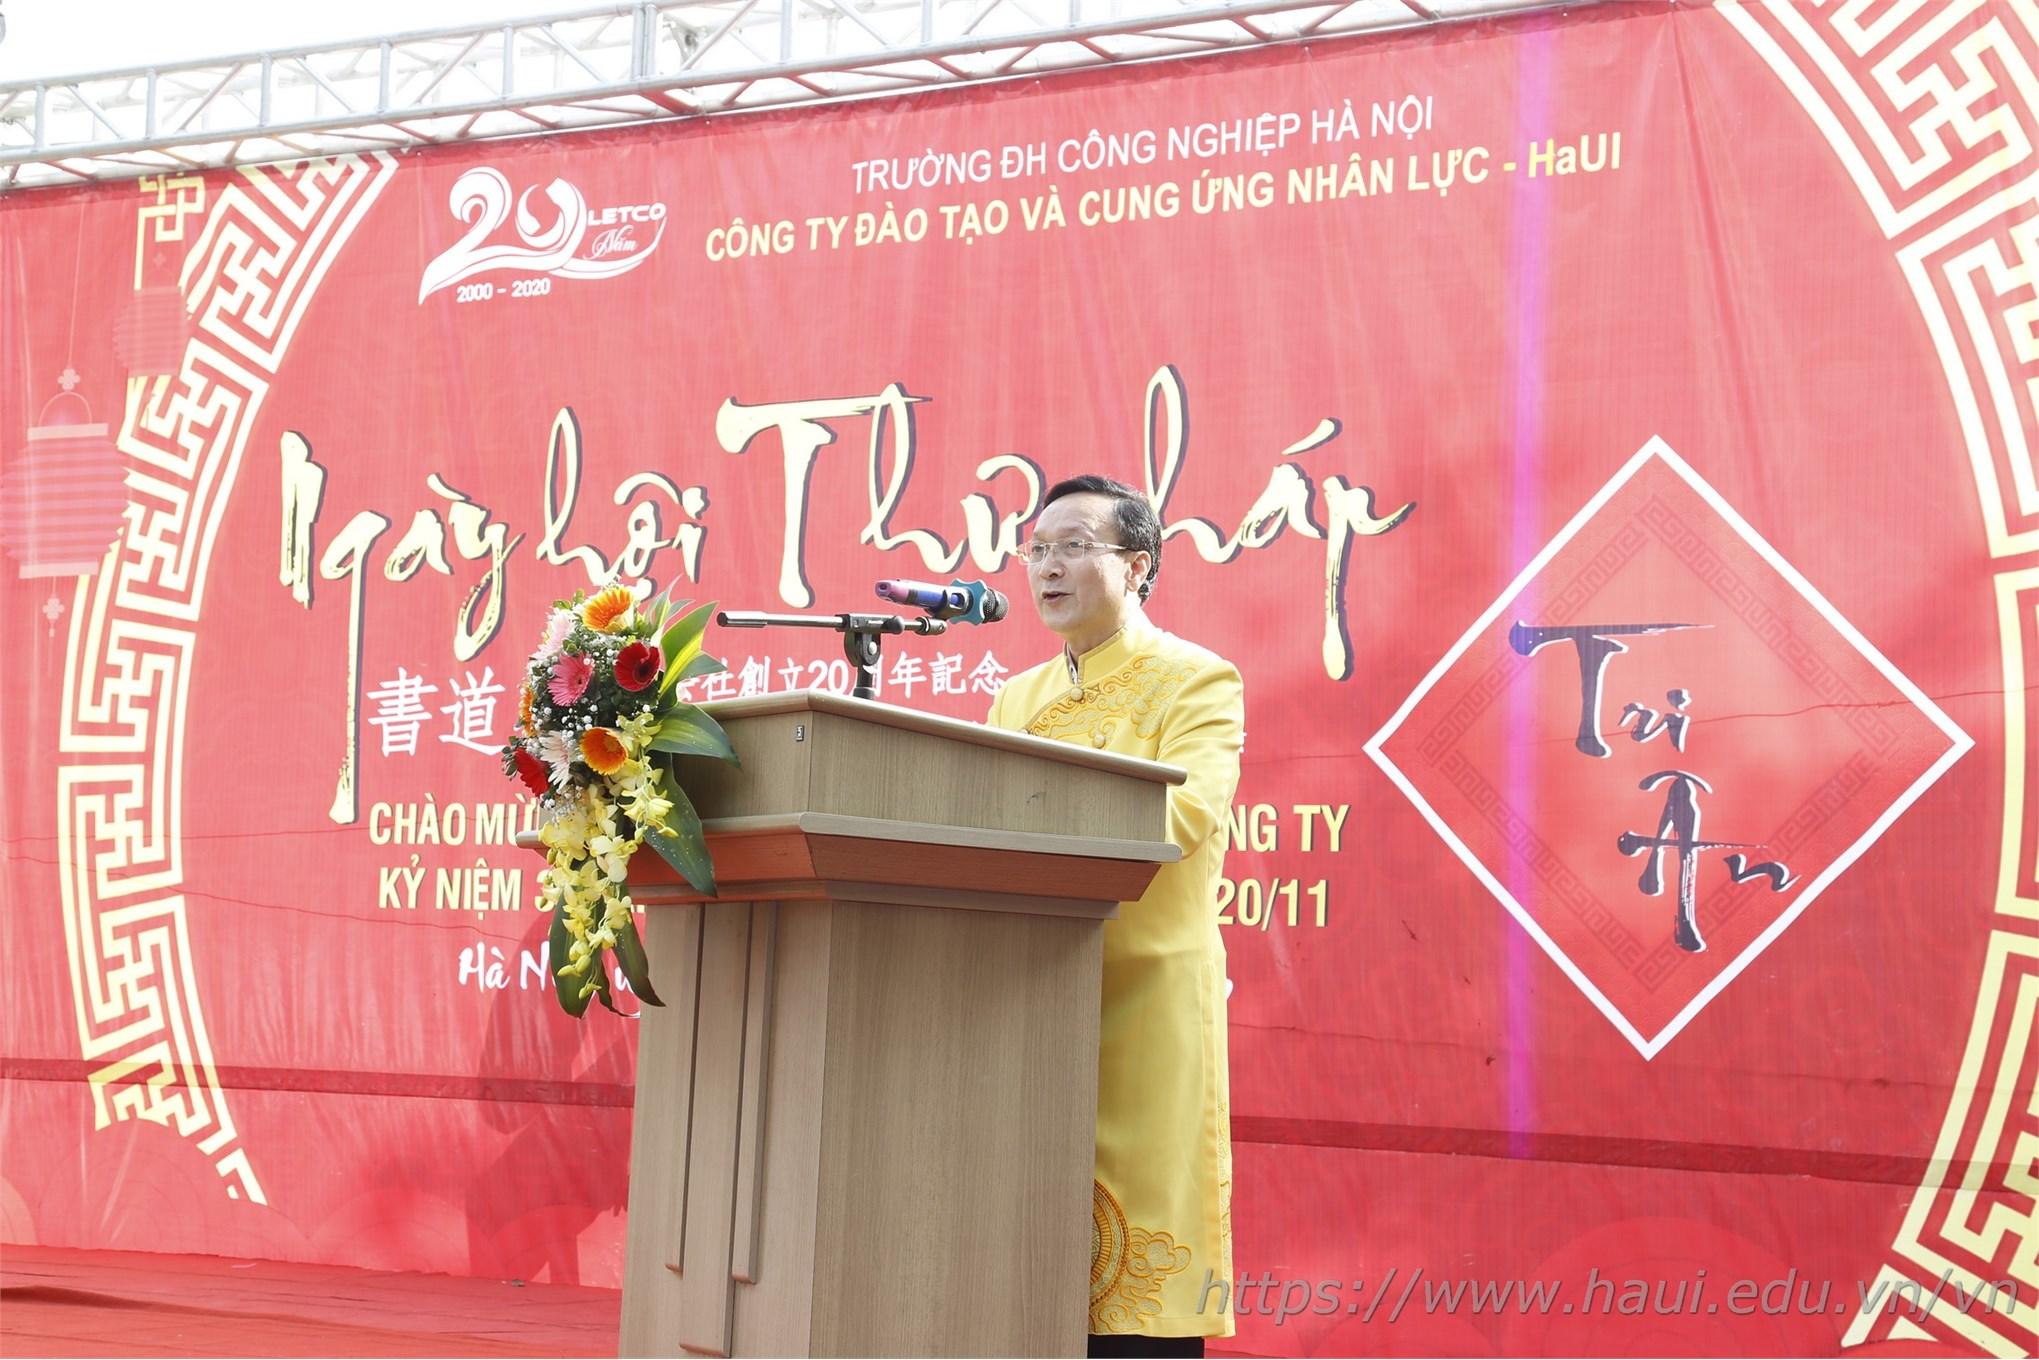 Ông Bùi Kim Sơn – Giám đốc Công ty Letco phát biểu khai mạc Ngày hội Thư pháp